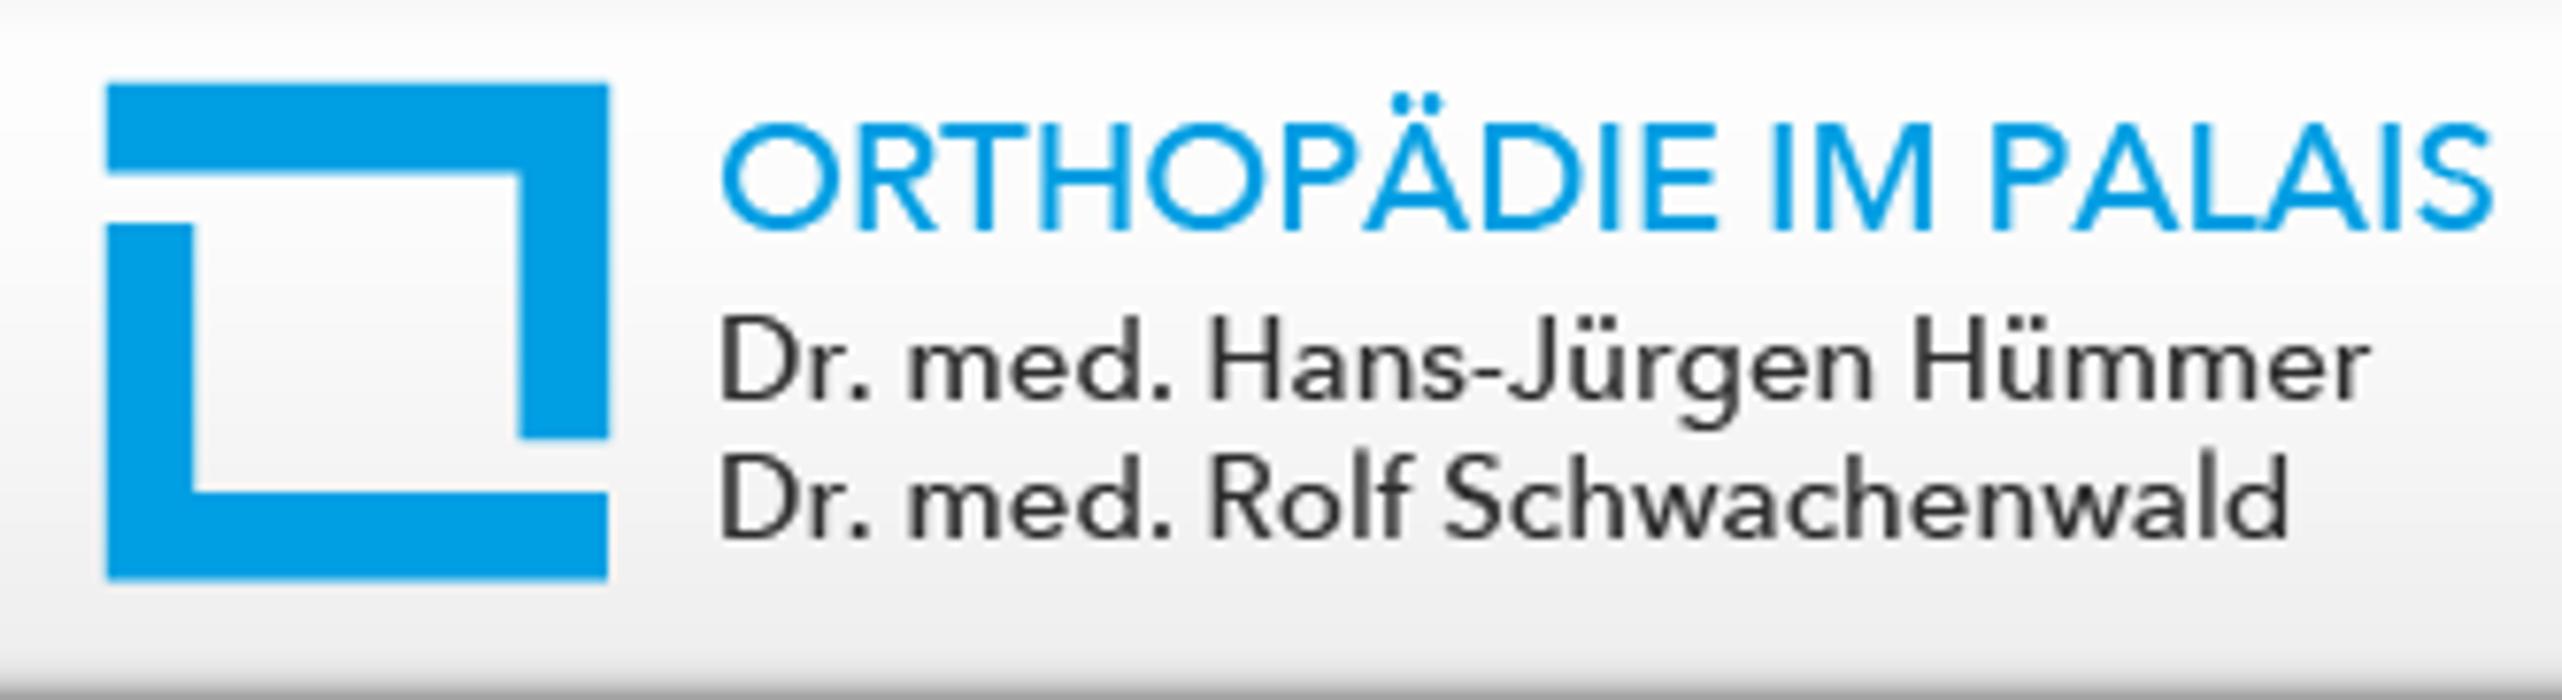 Bild zu Orthopädie im Palais Dr.med. Hans-Jürgen Hümmer, Dr.med. Rolf Schwachenwald in Lübeck